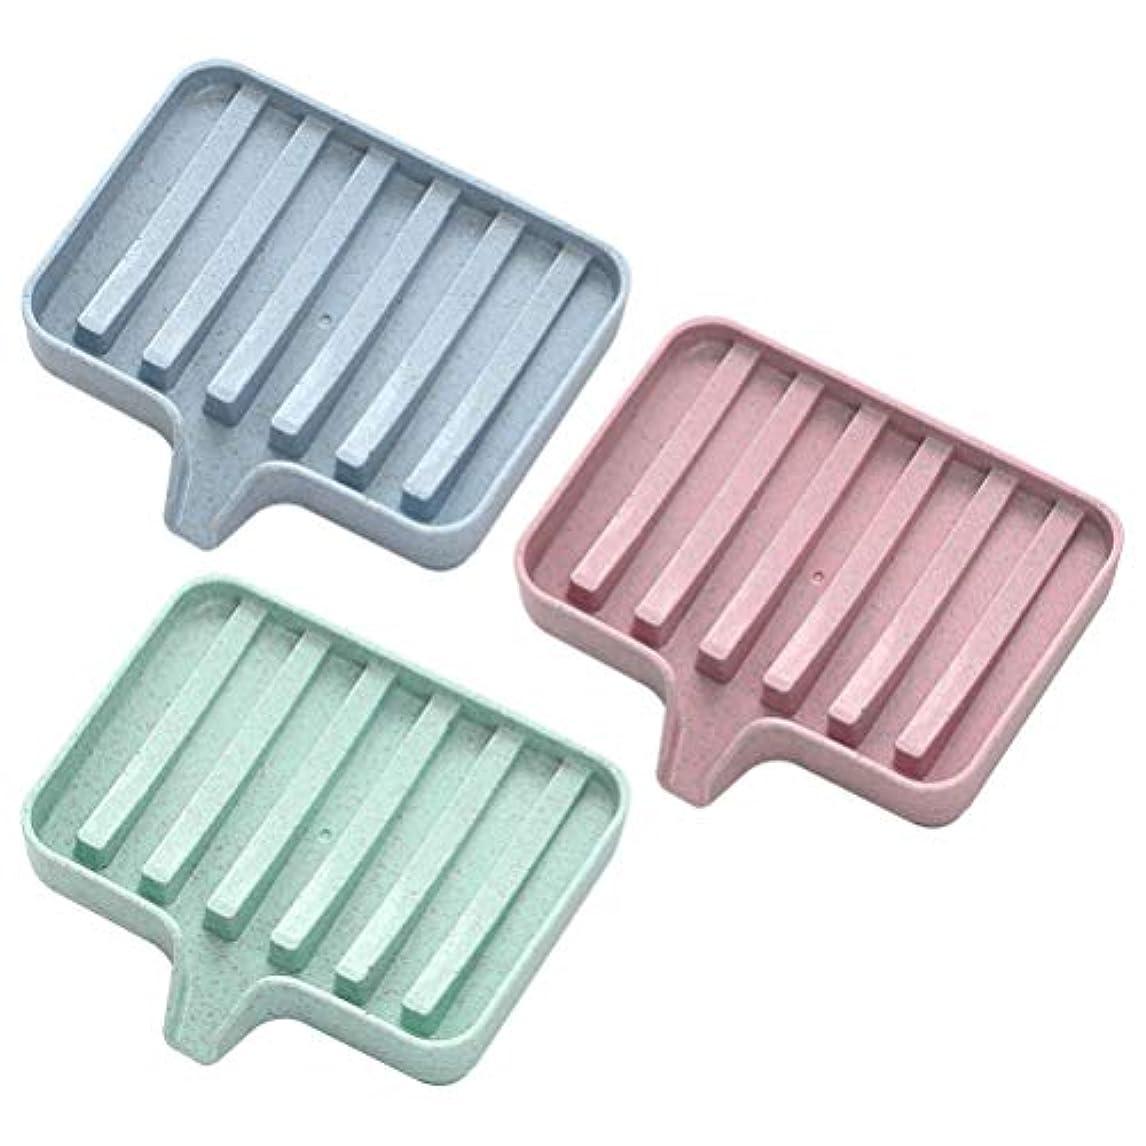 オーブン化石許容ROSENICE ソリッドカラーソープディッシュソープボックスホルダードレイン3pcs(ピンク+グリーン+ブルー)